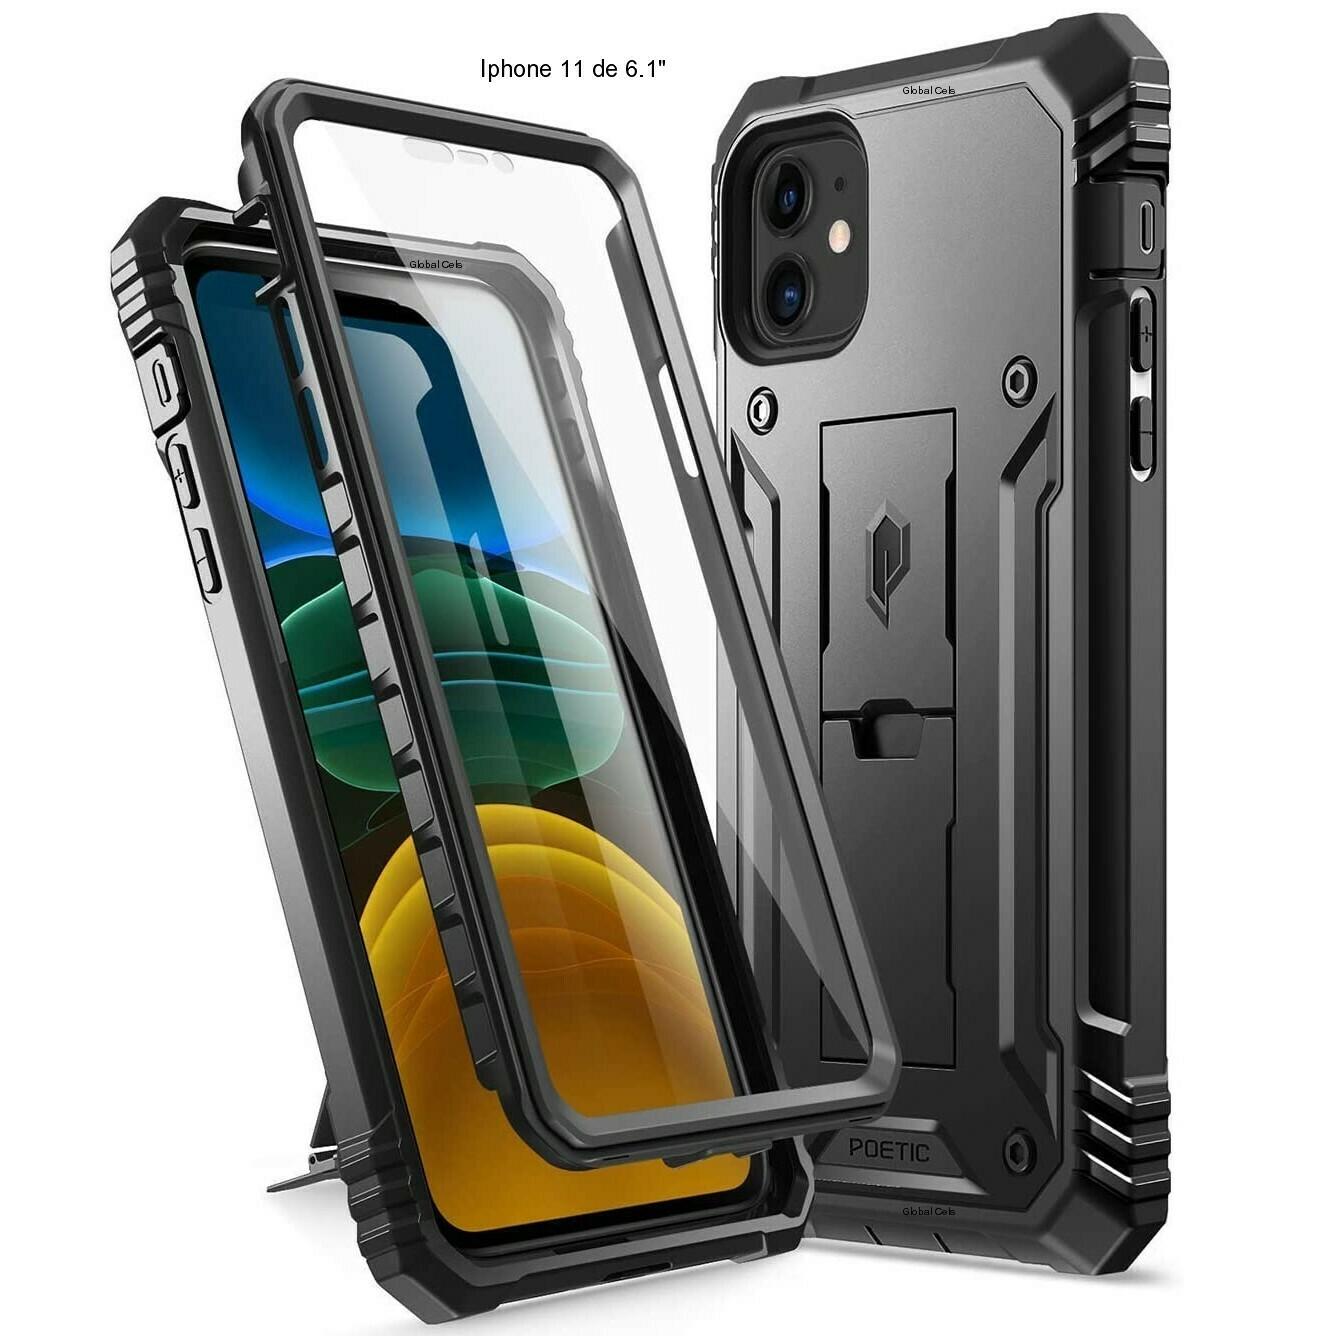 Case Iphone 11 de 6,1 pulgadas cubre y protege todo el equipo c/ Parante c/ Mica Negro